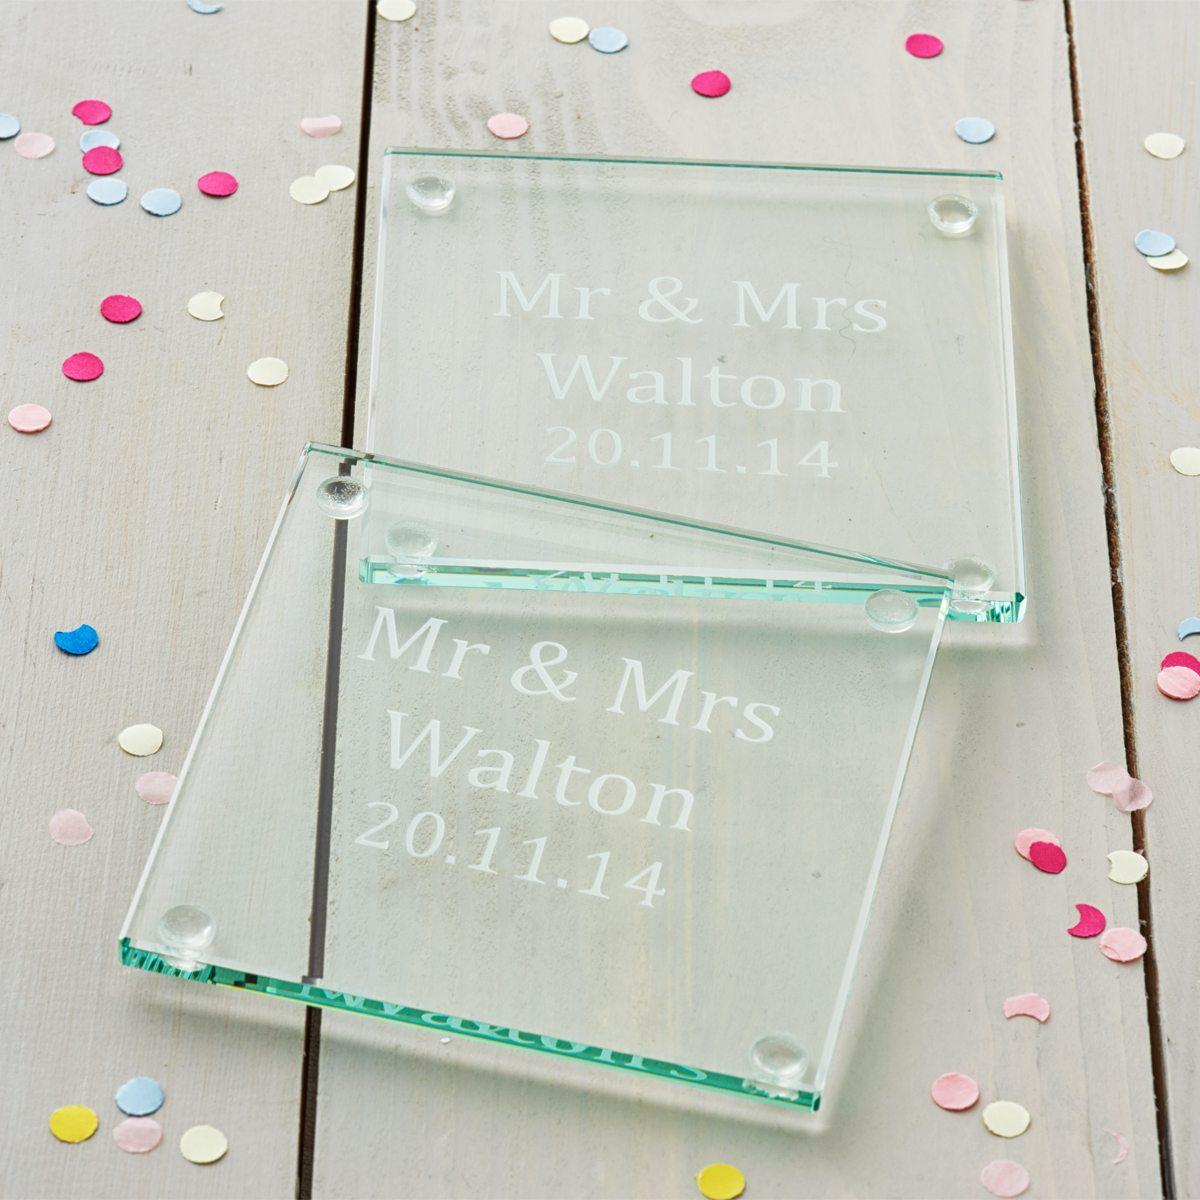 Personalised Wedding Gift Coaster Set